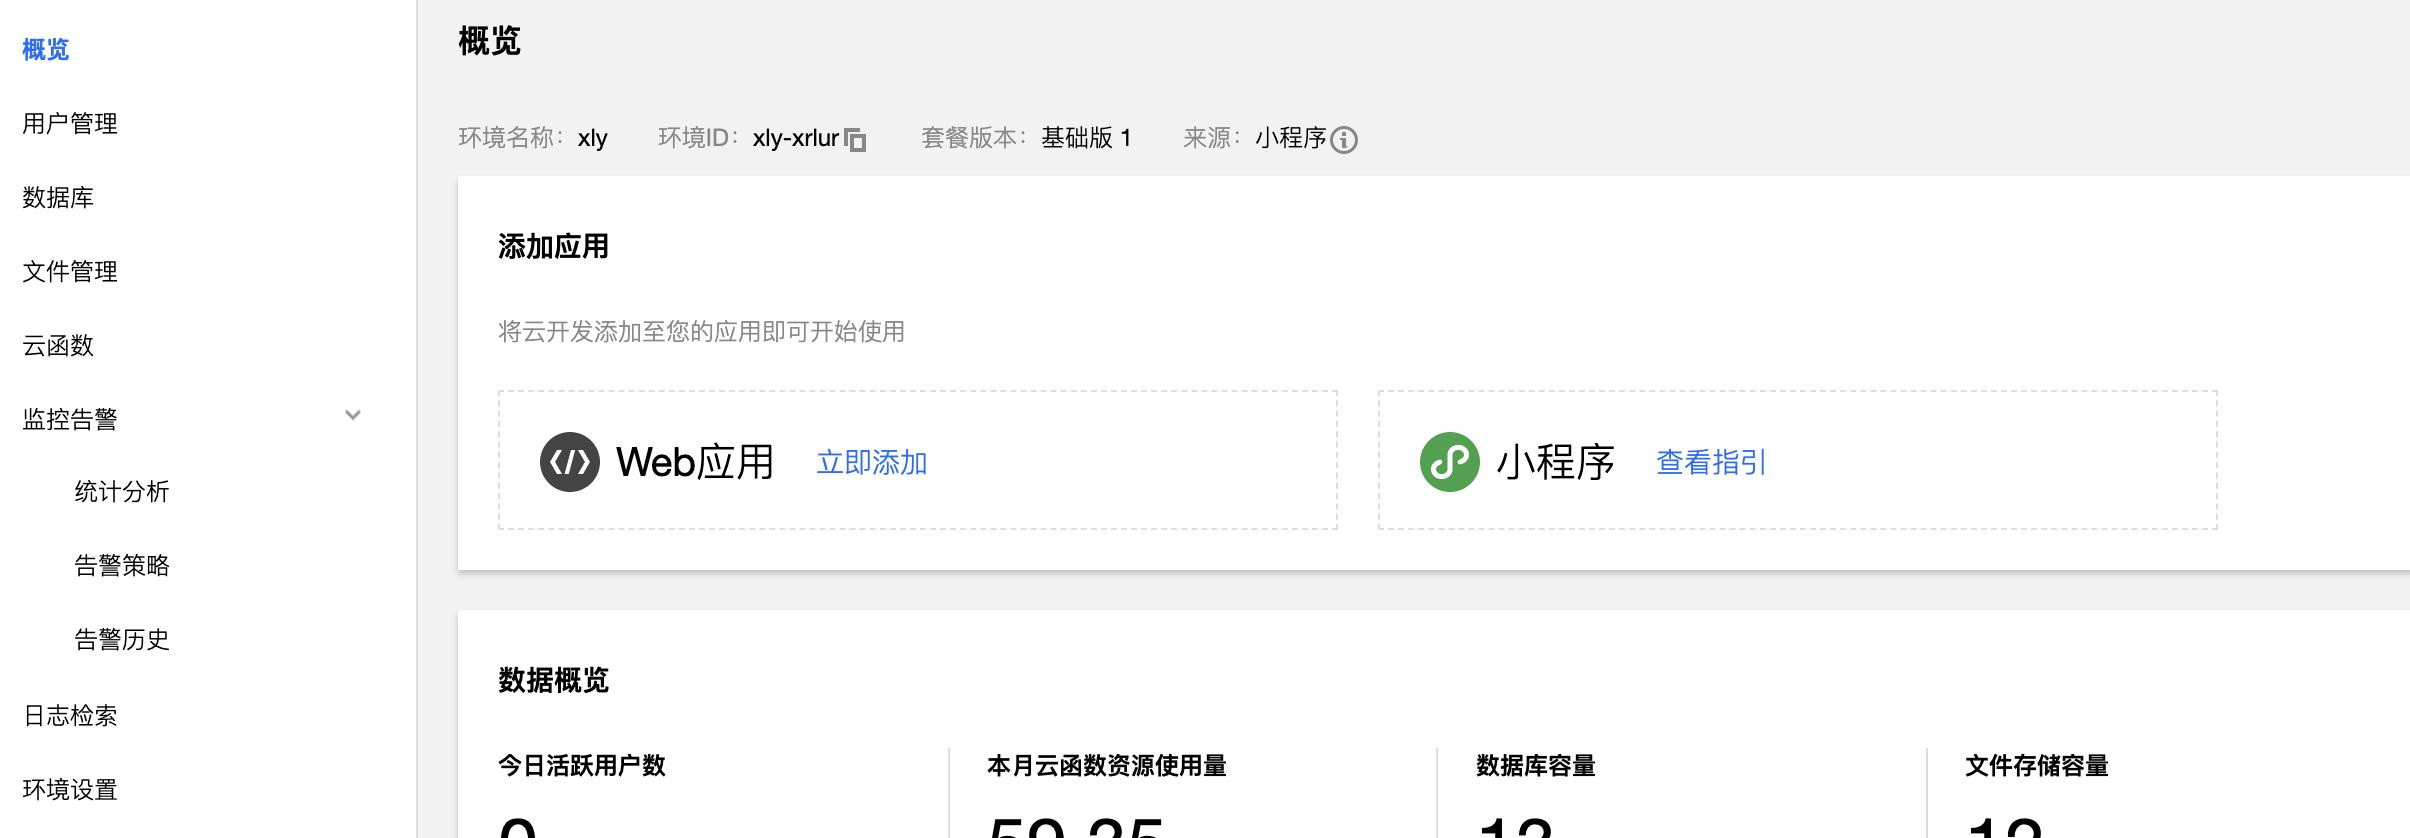 腾讯云官网的云开发资源管理界面